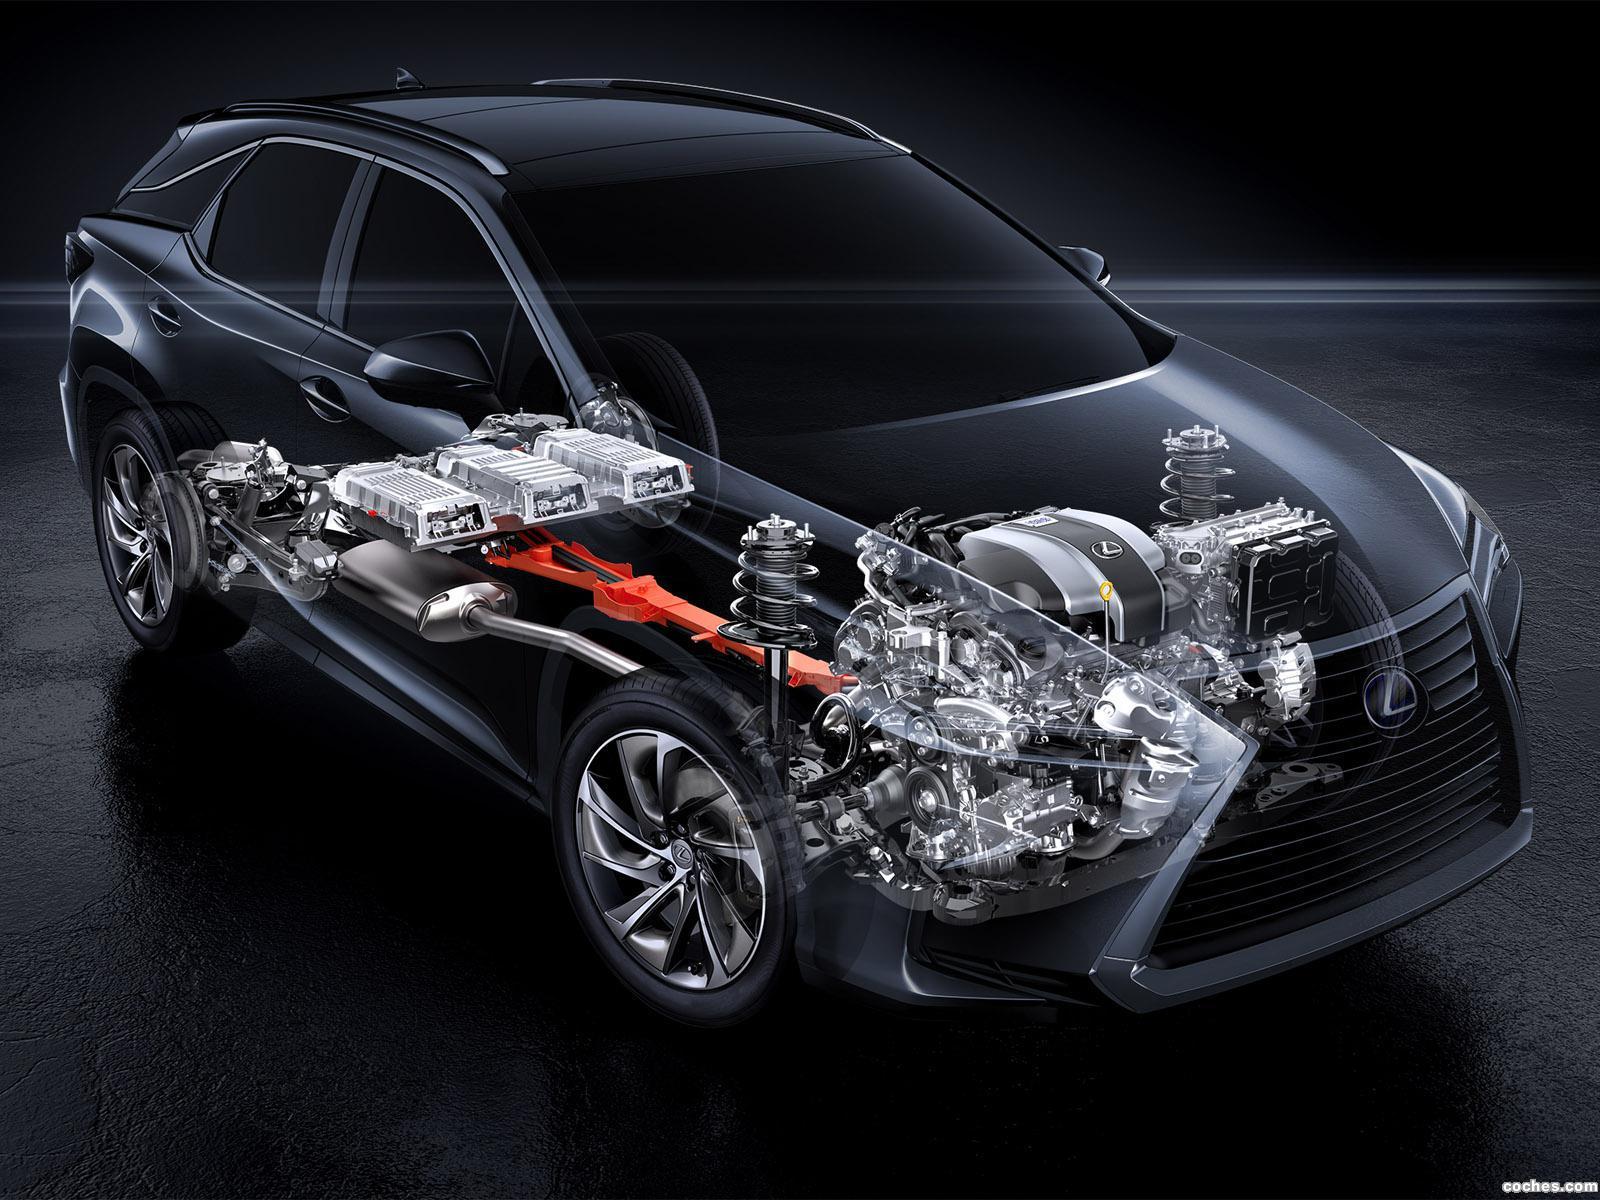 Foto 15 de Lexus RX 450h 2015